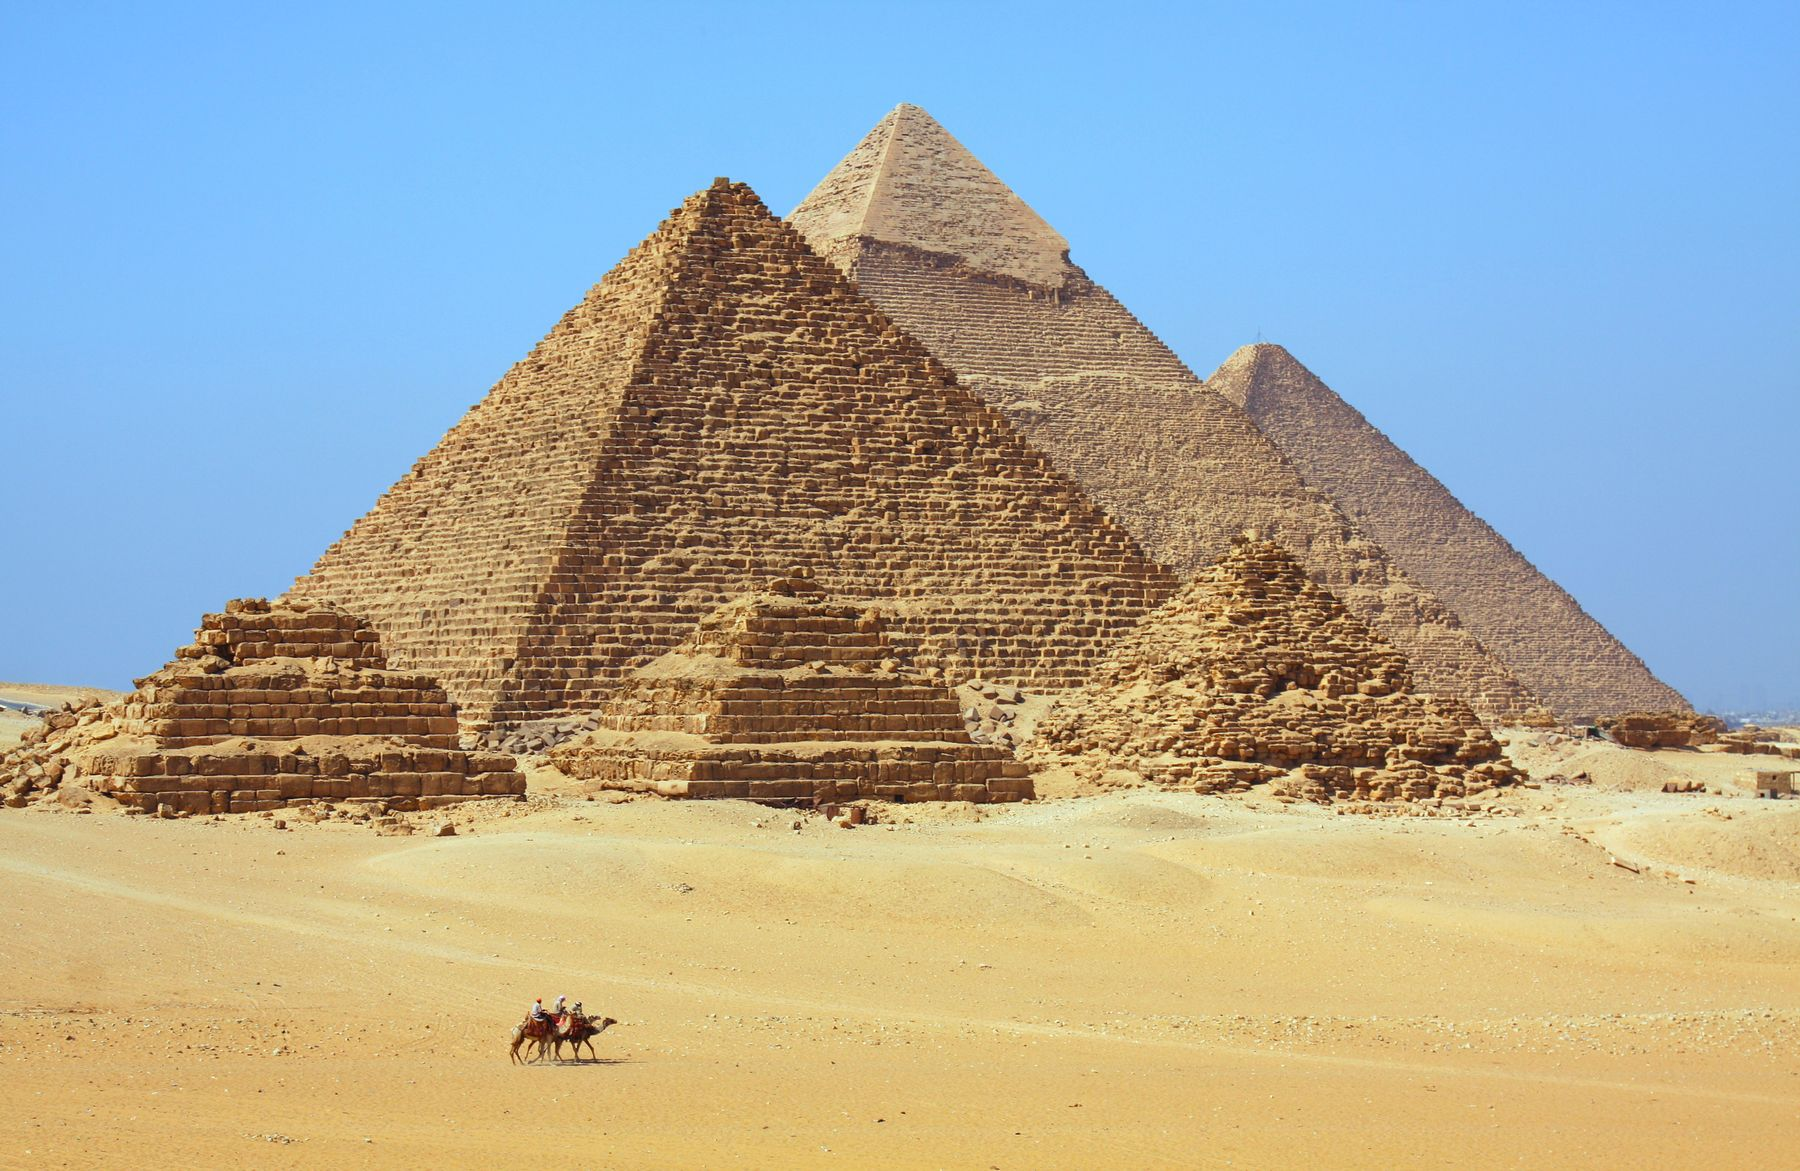 Vue de trois petites pyramides et trois grandes pyramides derrière eux